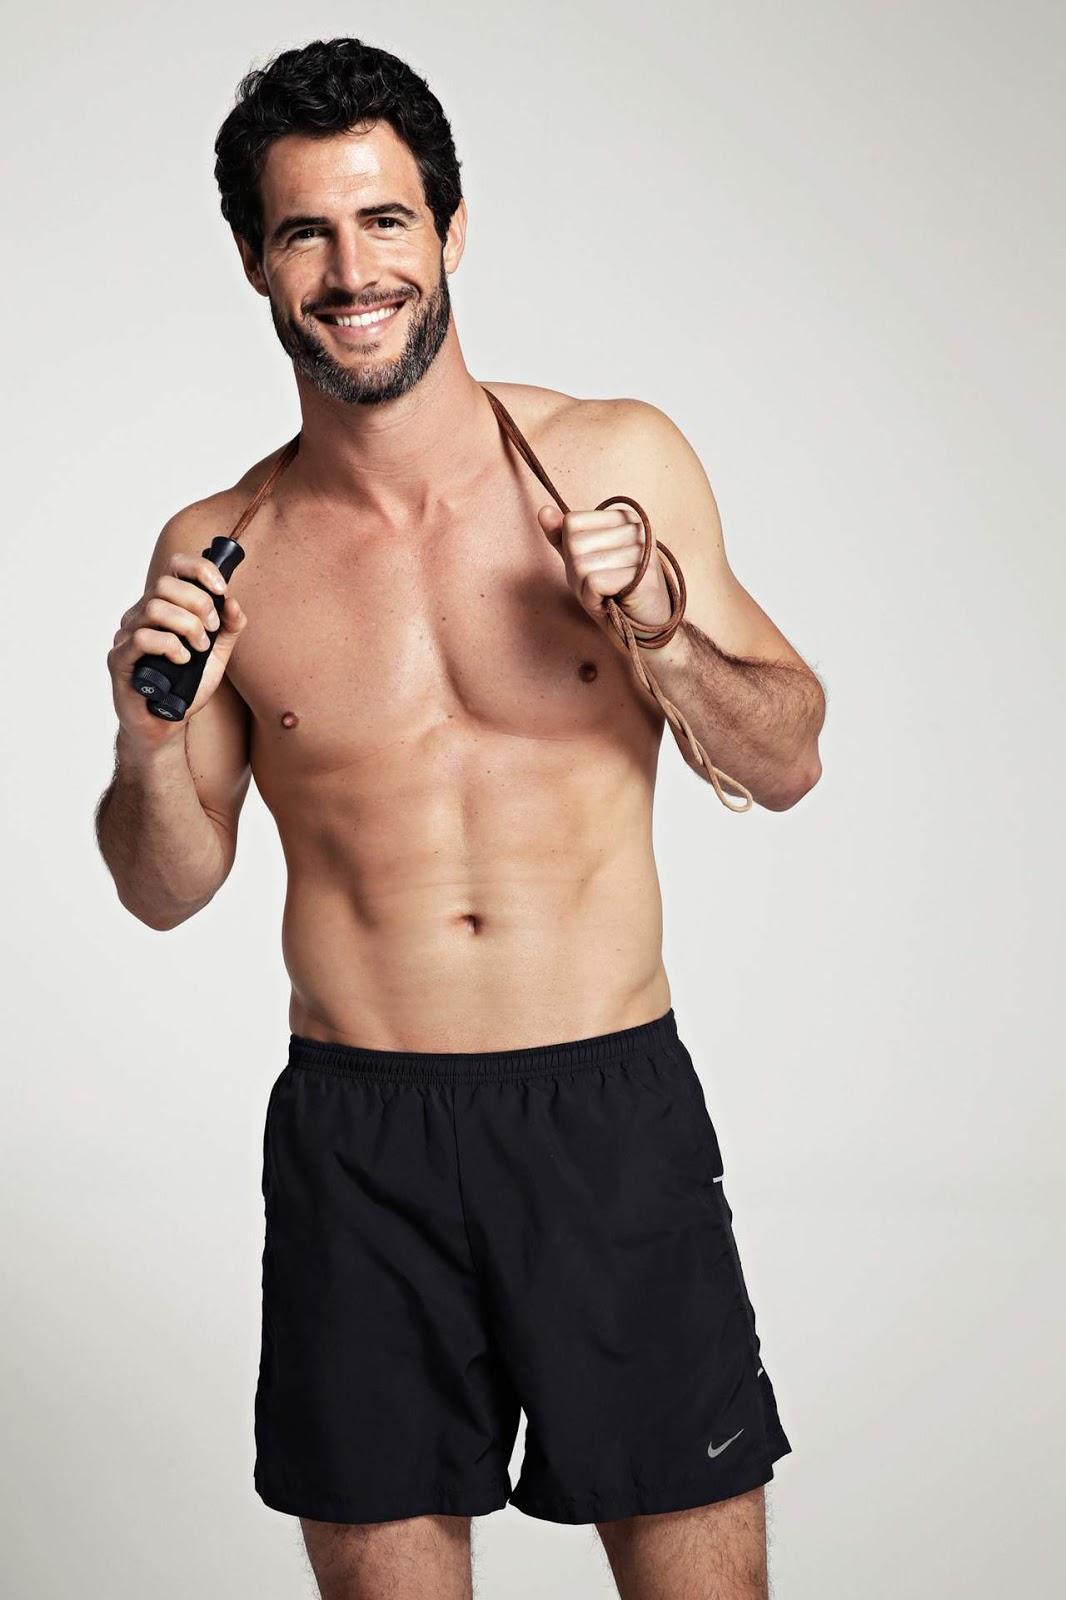 foto de Shirtless Men On The Blog: Zack Van Der Merwe Shirtless